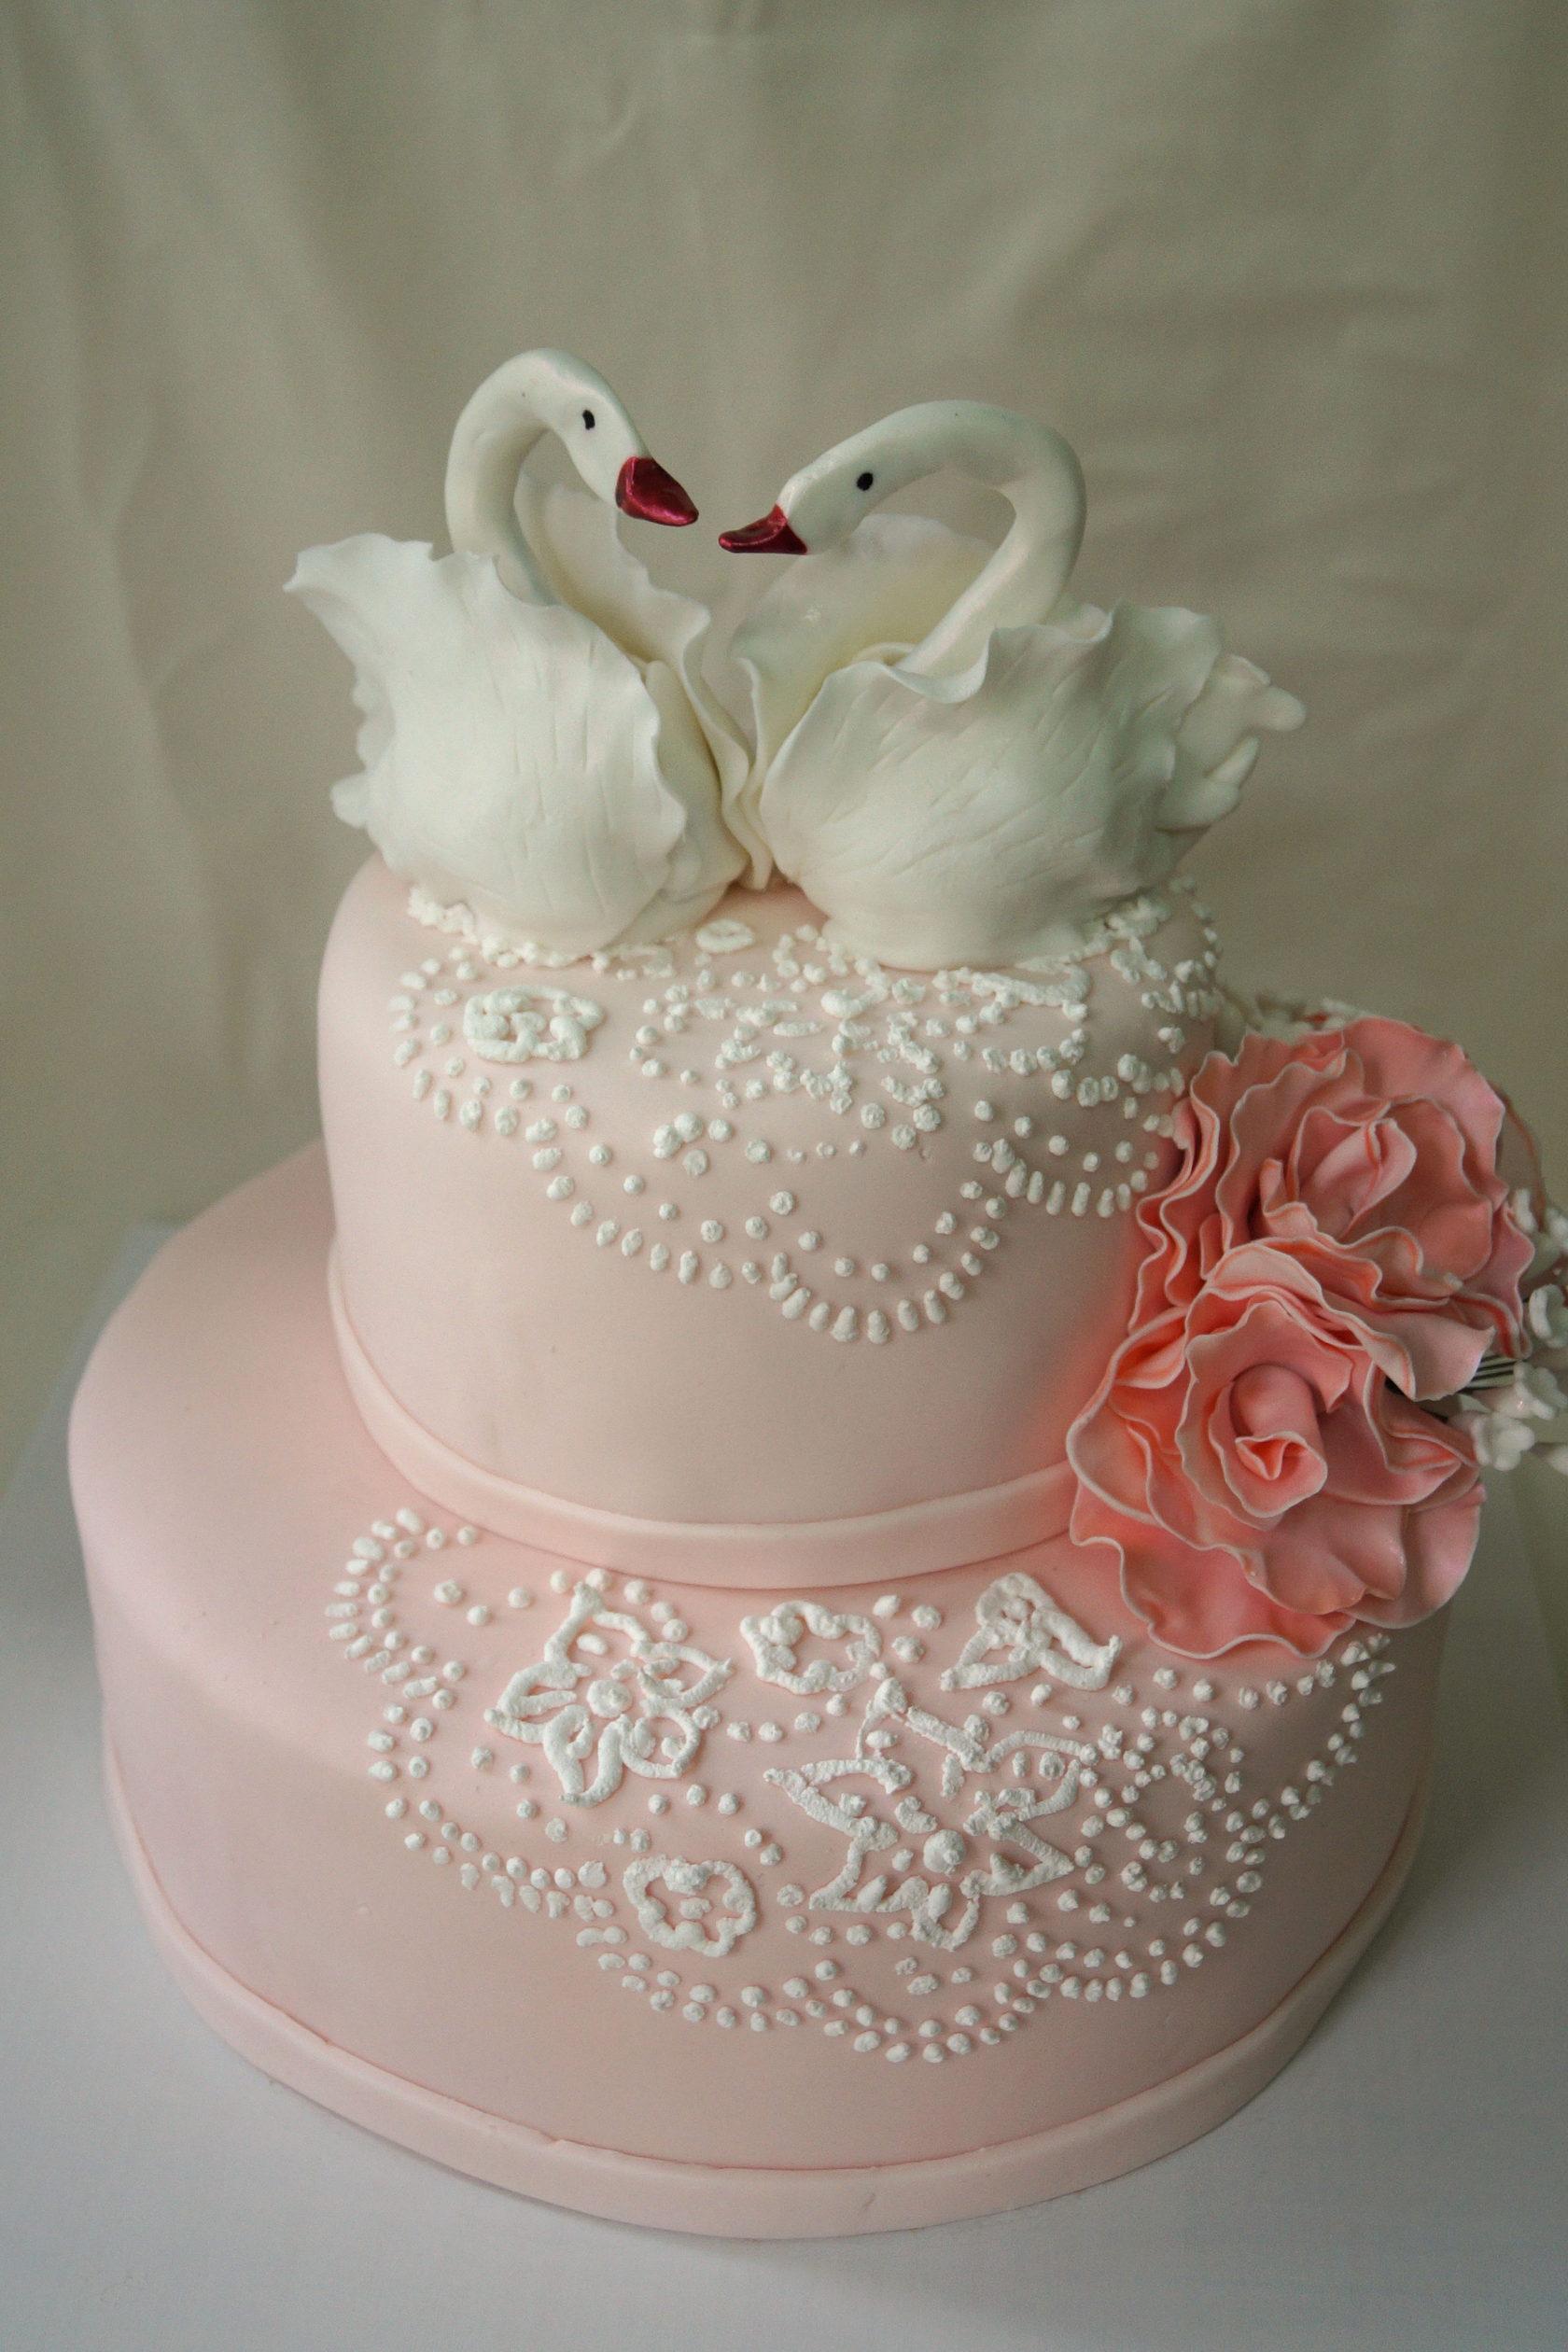 Картинки свадебные торты с лебедями